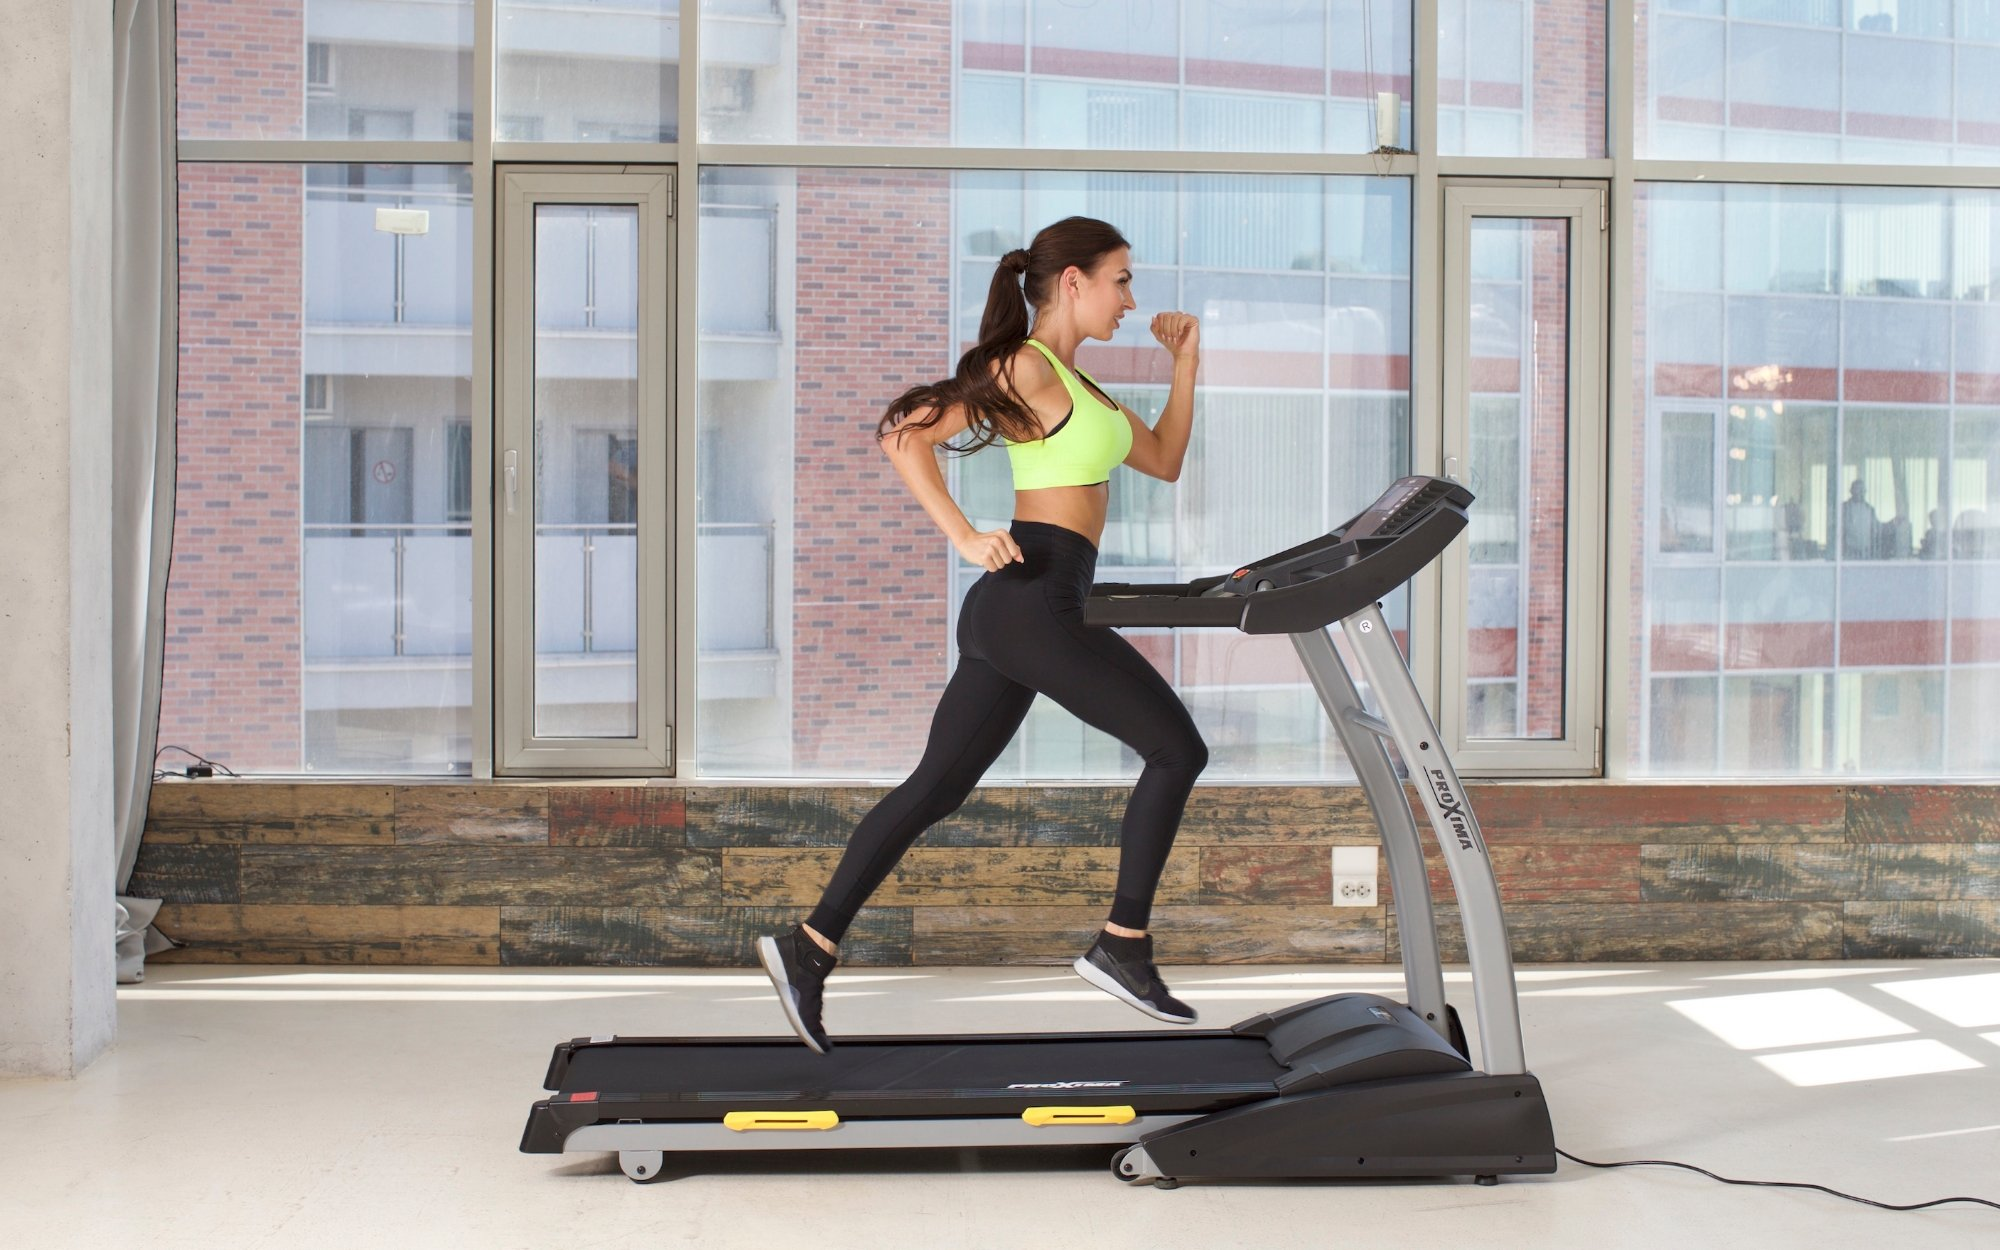 Кардио Правильно Похудеть. Кардио-тренировки для сжигания жира: 8 популярных мифов + 10 лучших упражнений